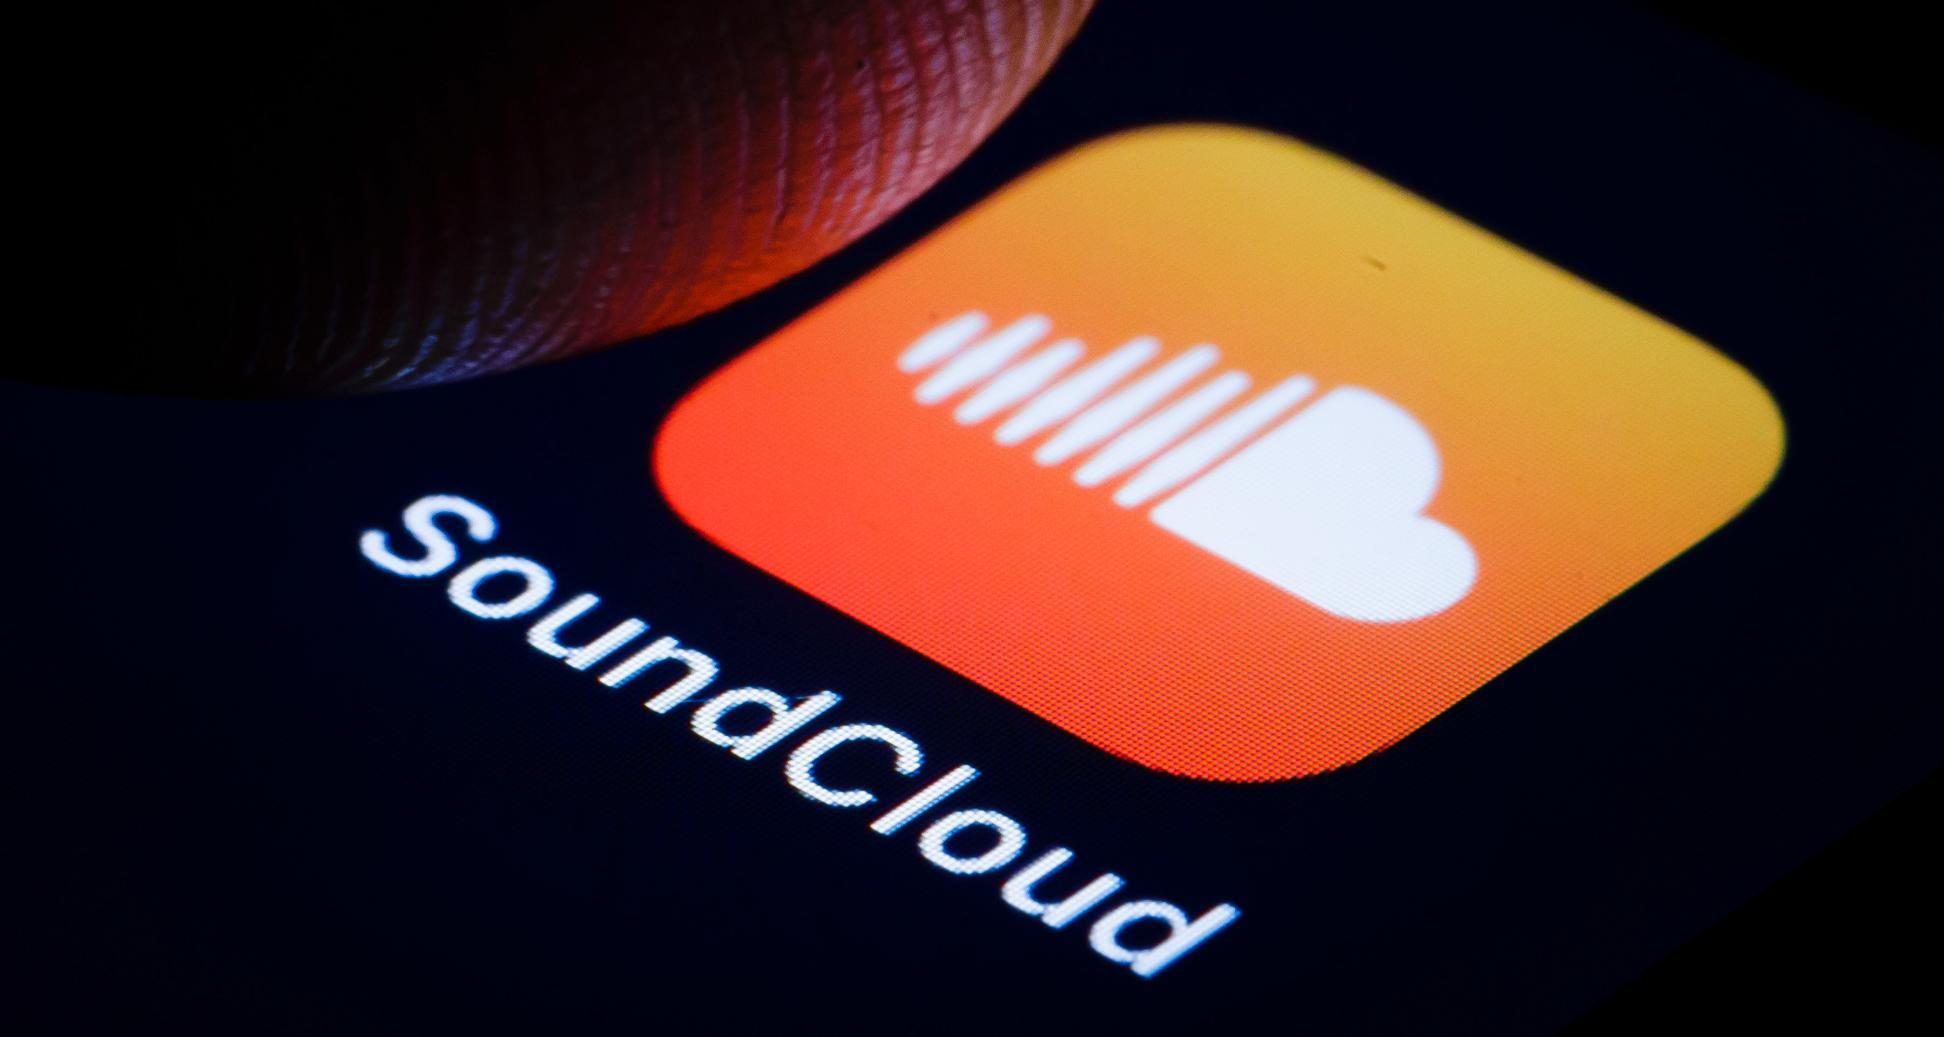 Soundcloud Là Gì? Những Điều Cần Biết Về Soundcloud